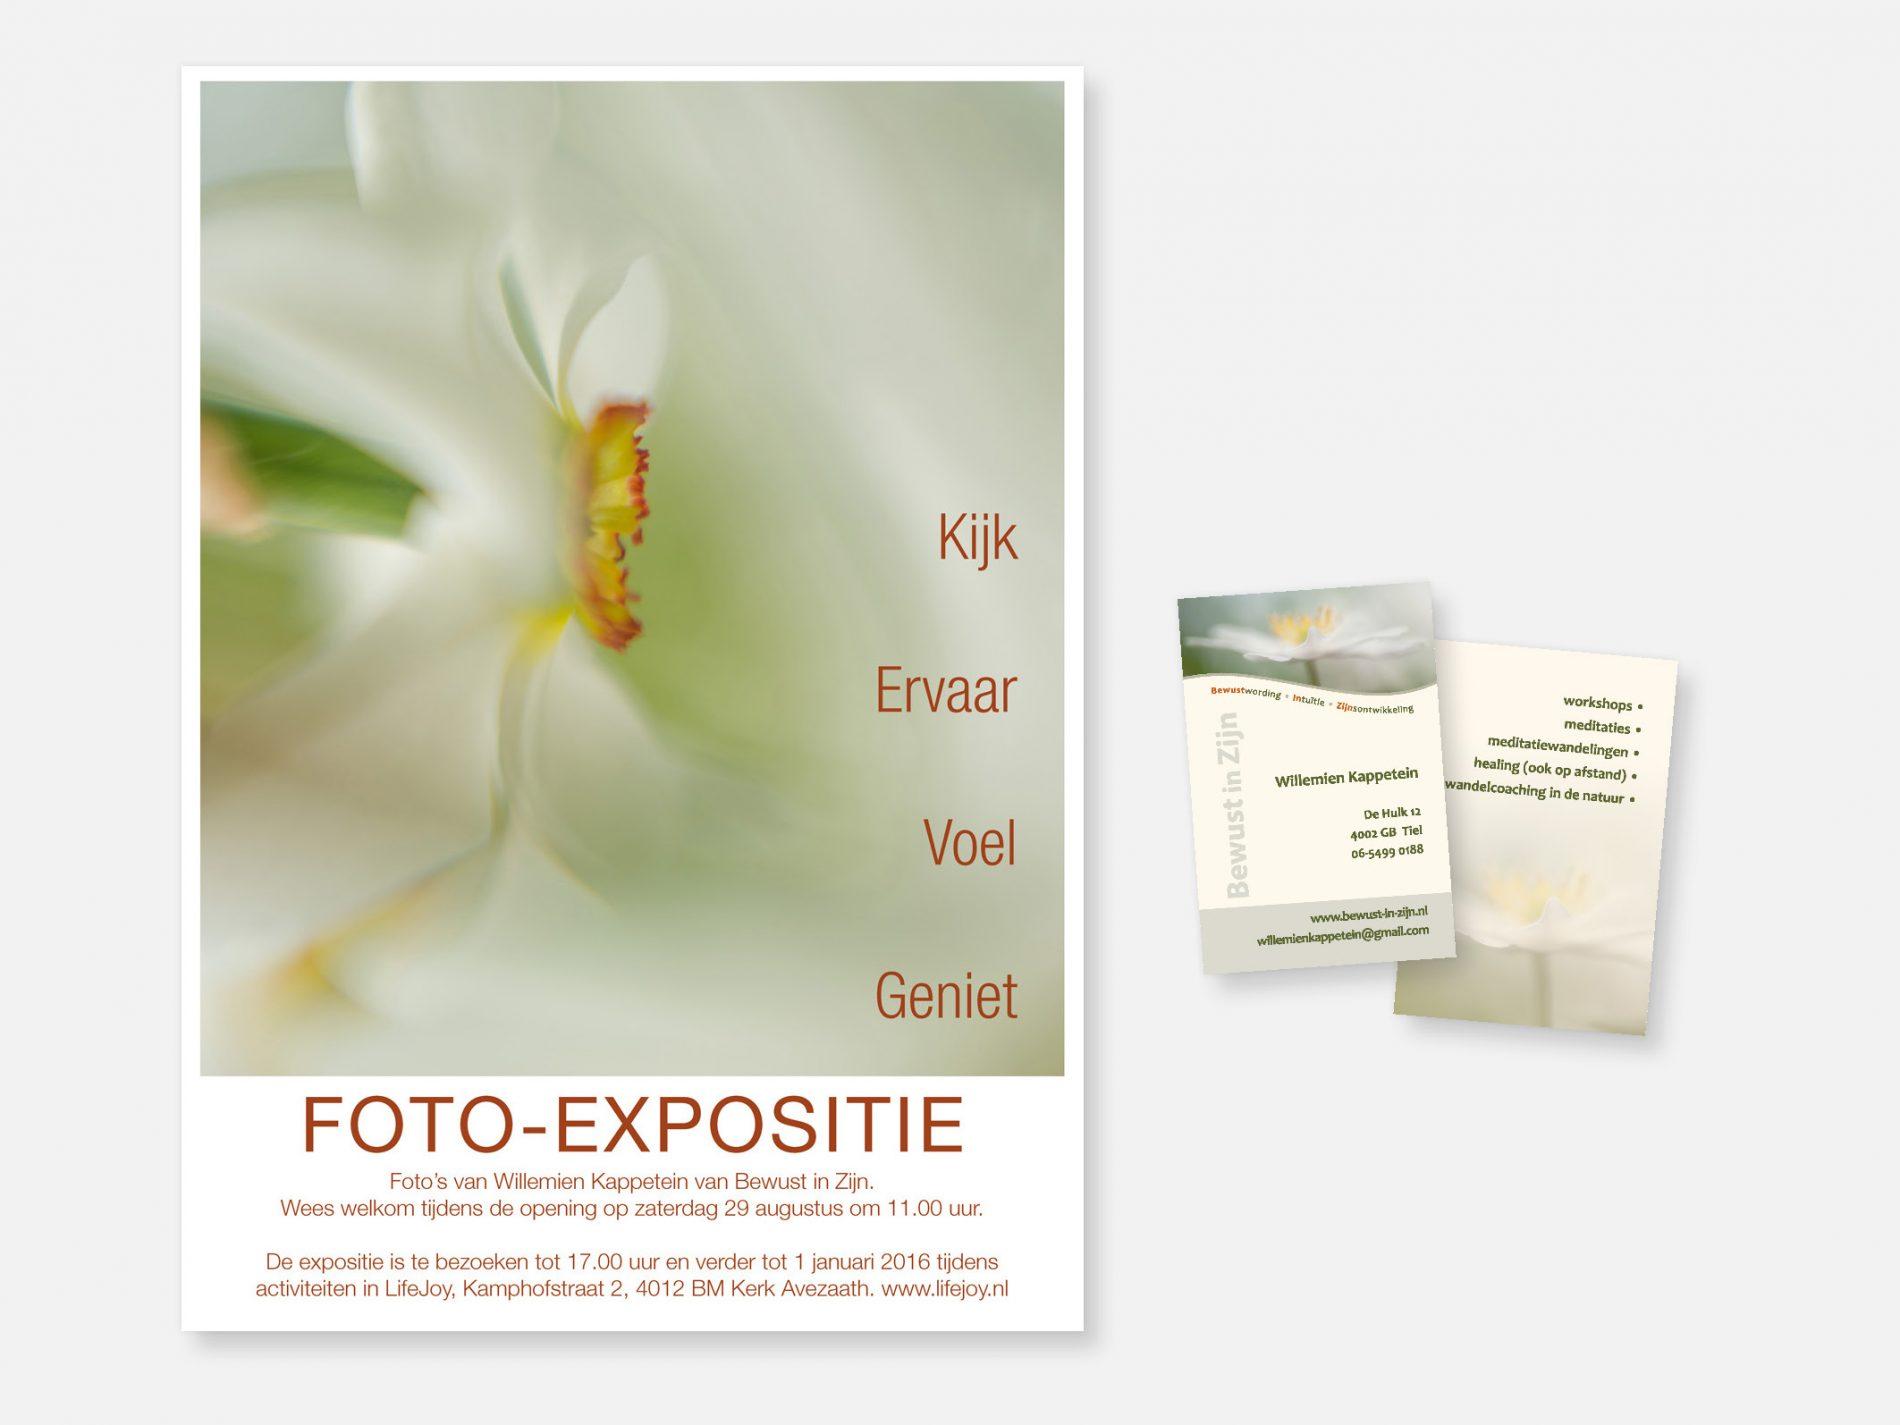 Raamposter expositie en visitekaartje